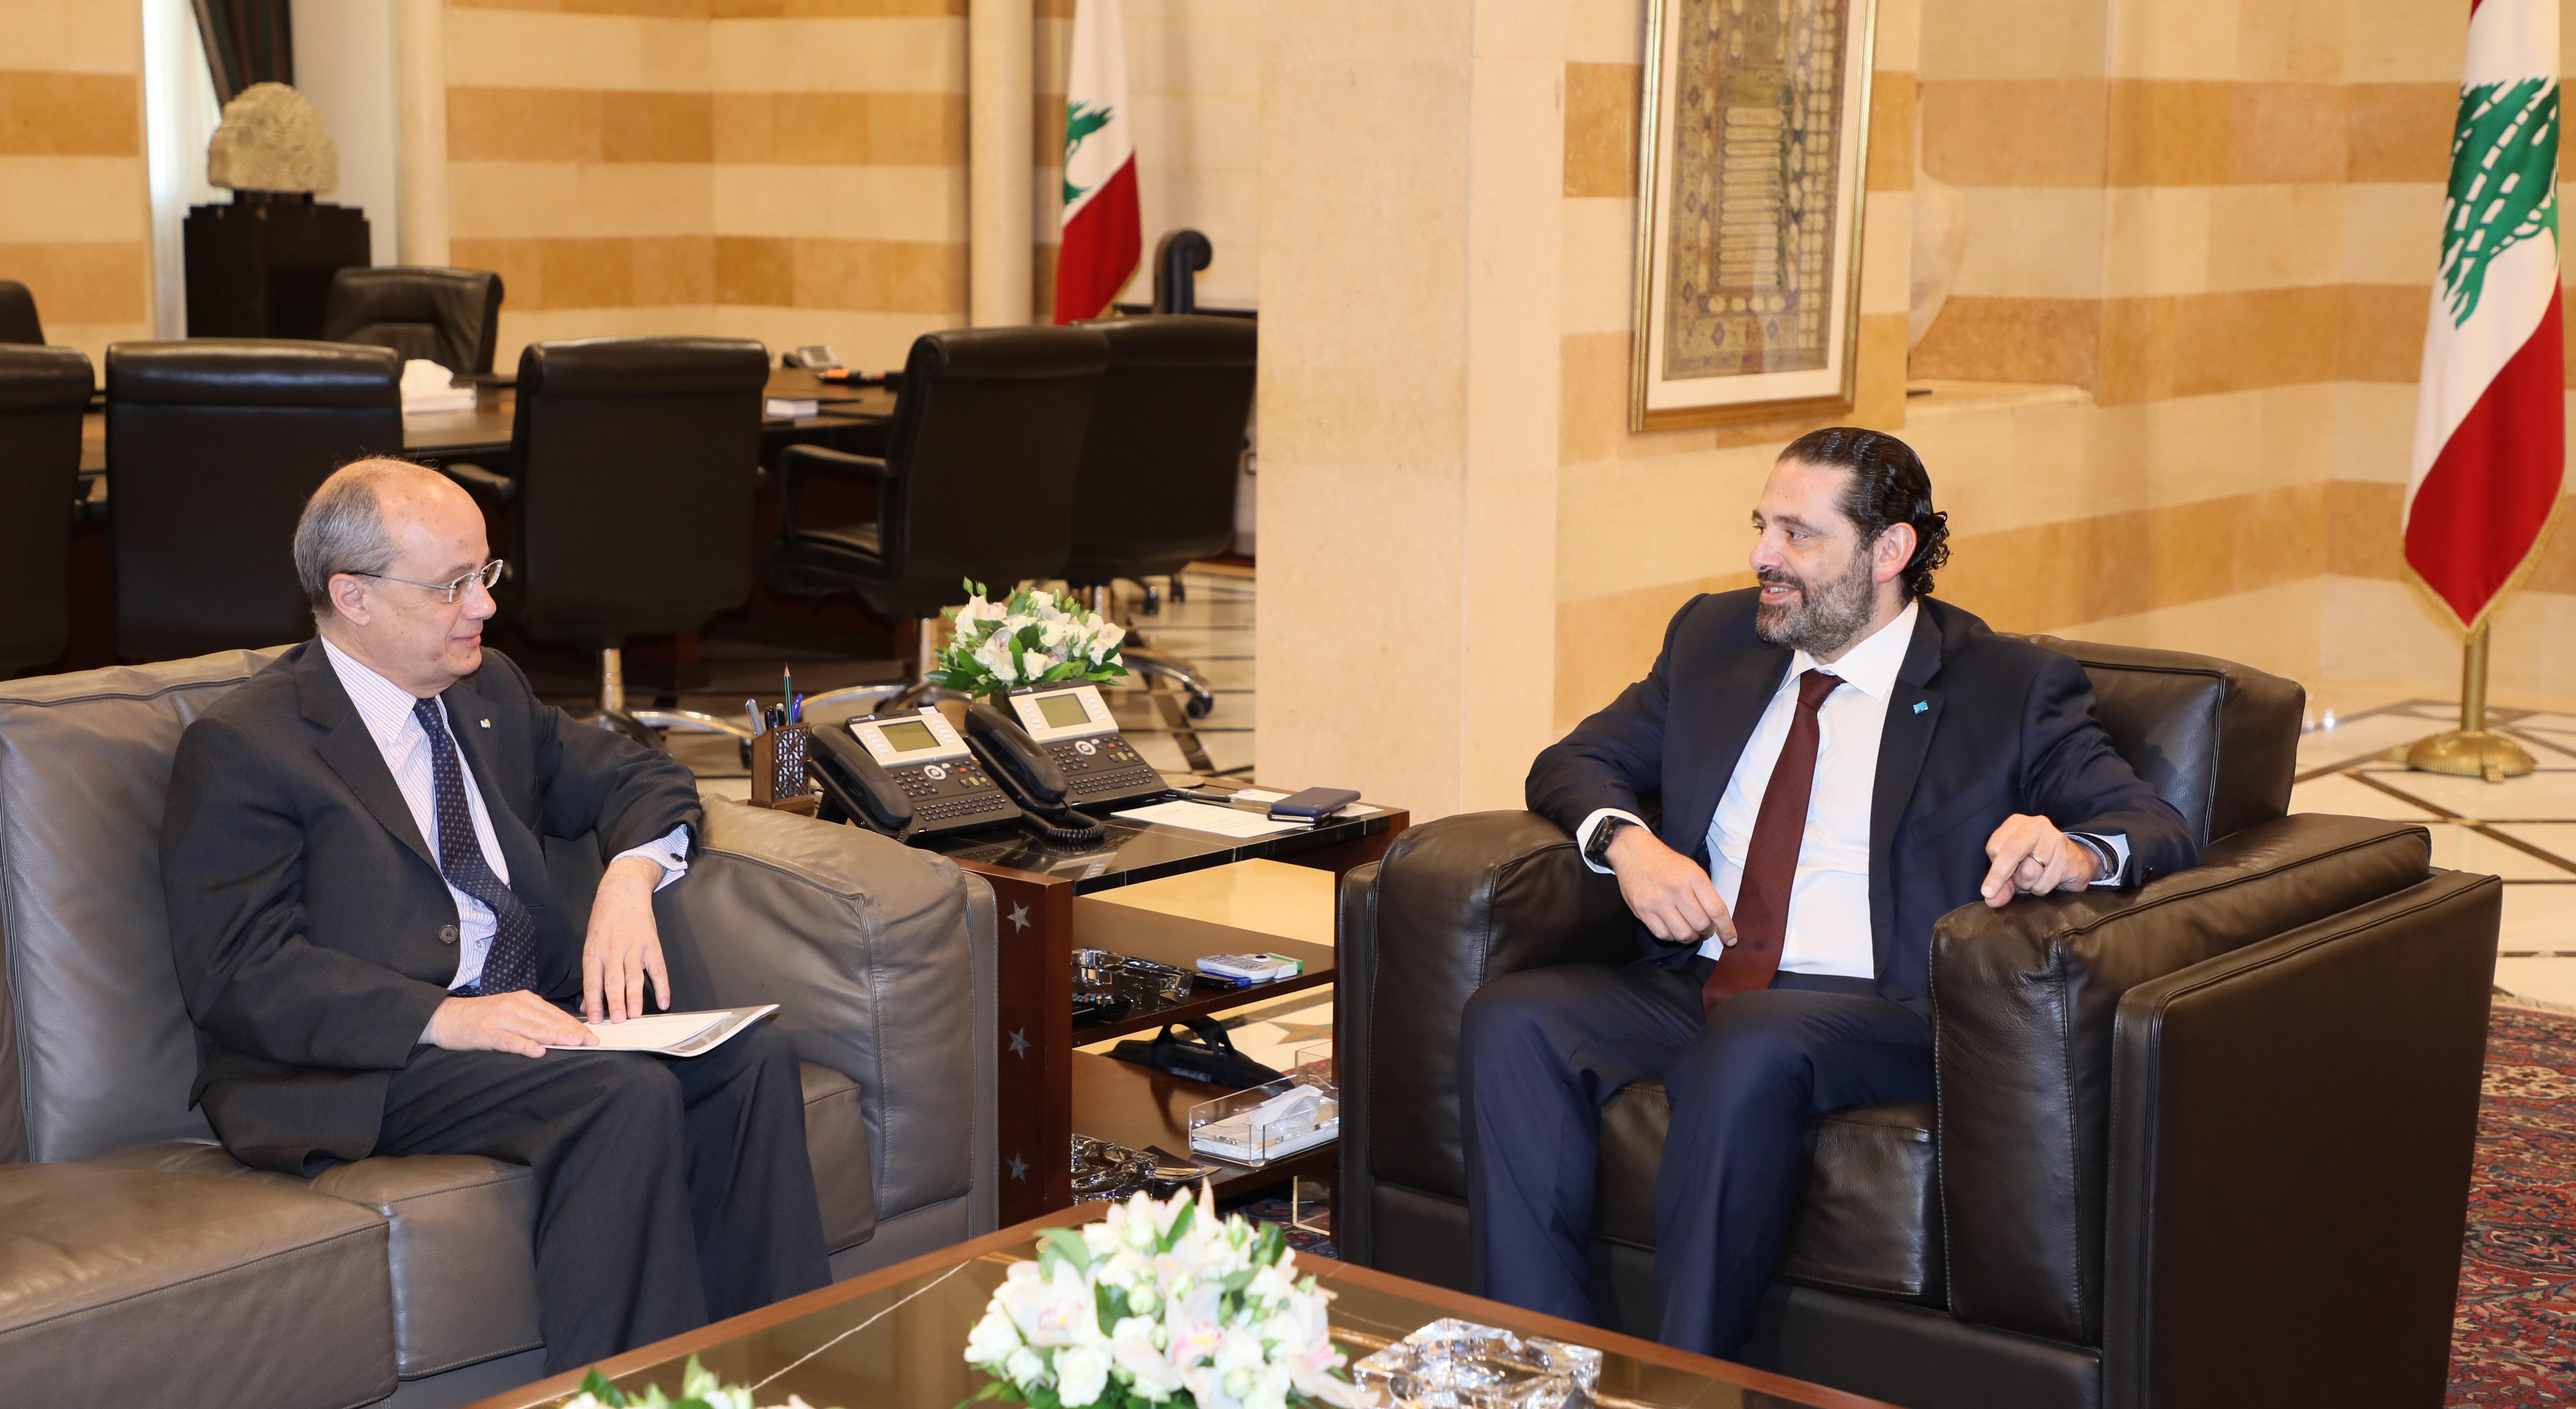 Pr Minister Saad Hariri meets Spanish Ambassador